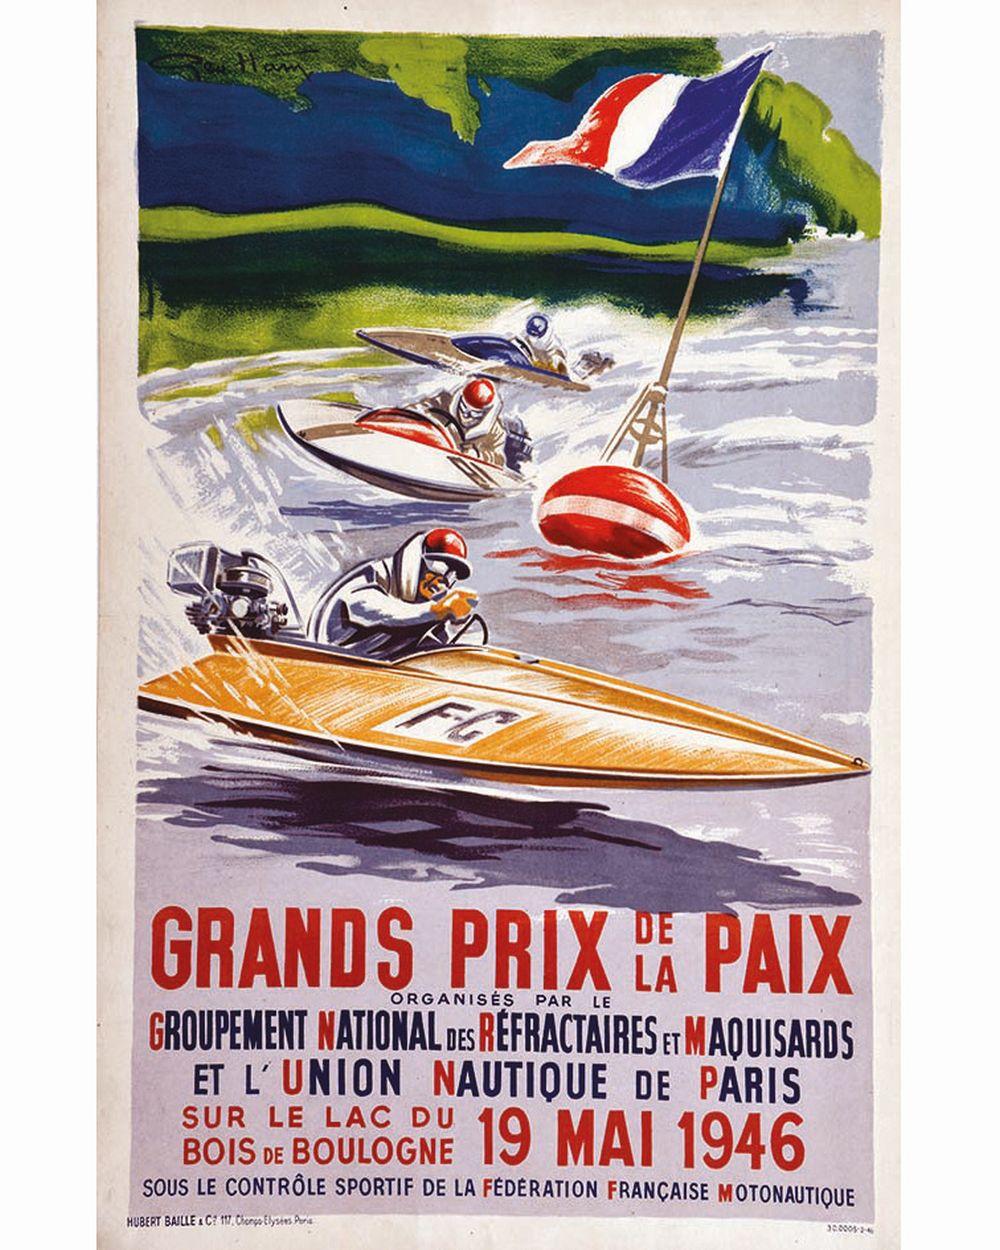 HAM GEO - Grand Prix de la Paix sur le Lac du Bois de Boulogne     1946  Bois de Boulogne ( Paris )